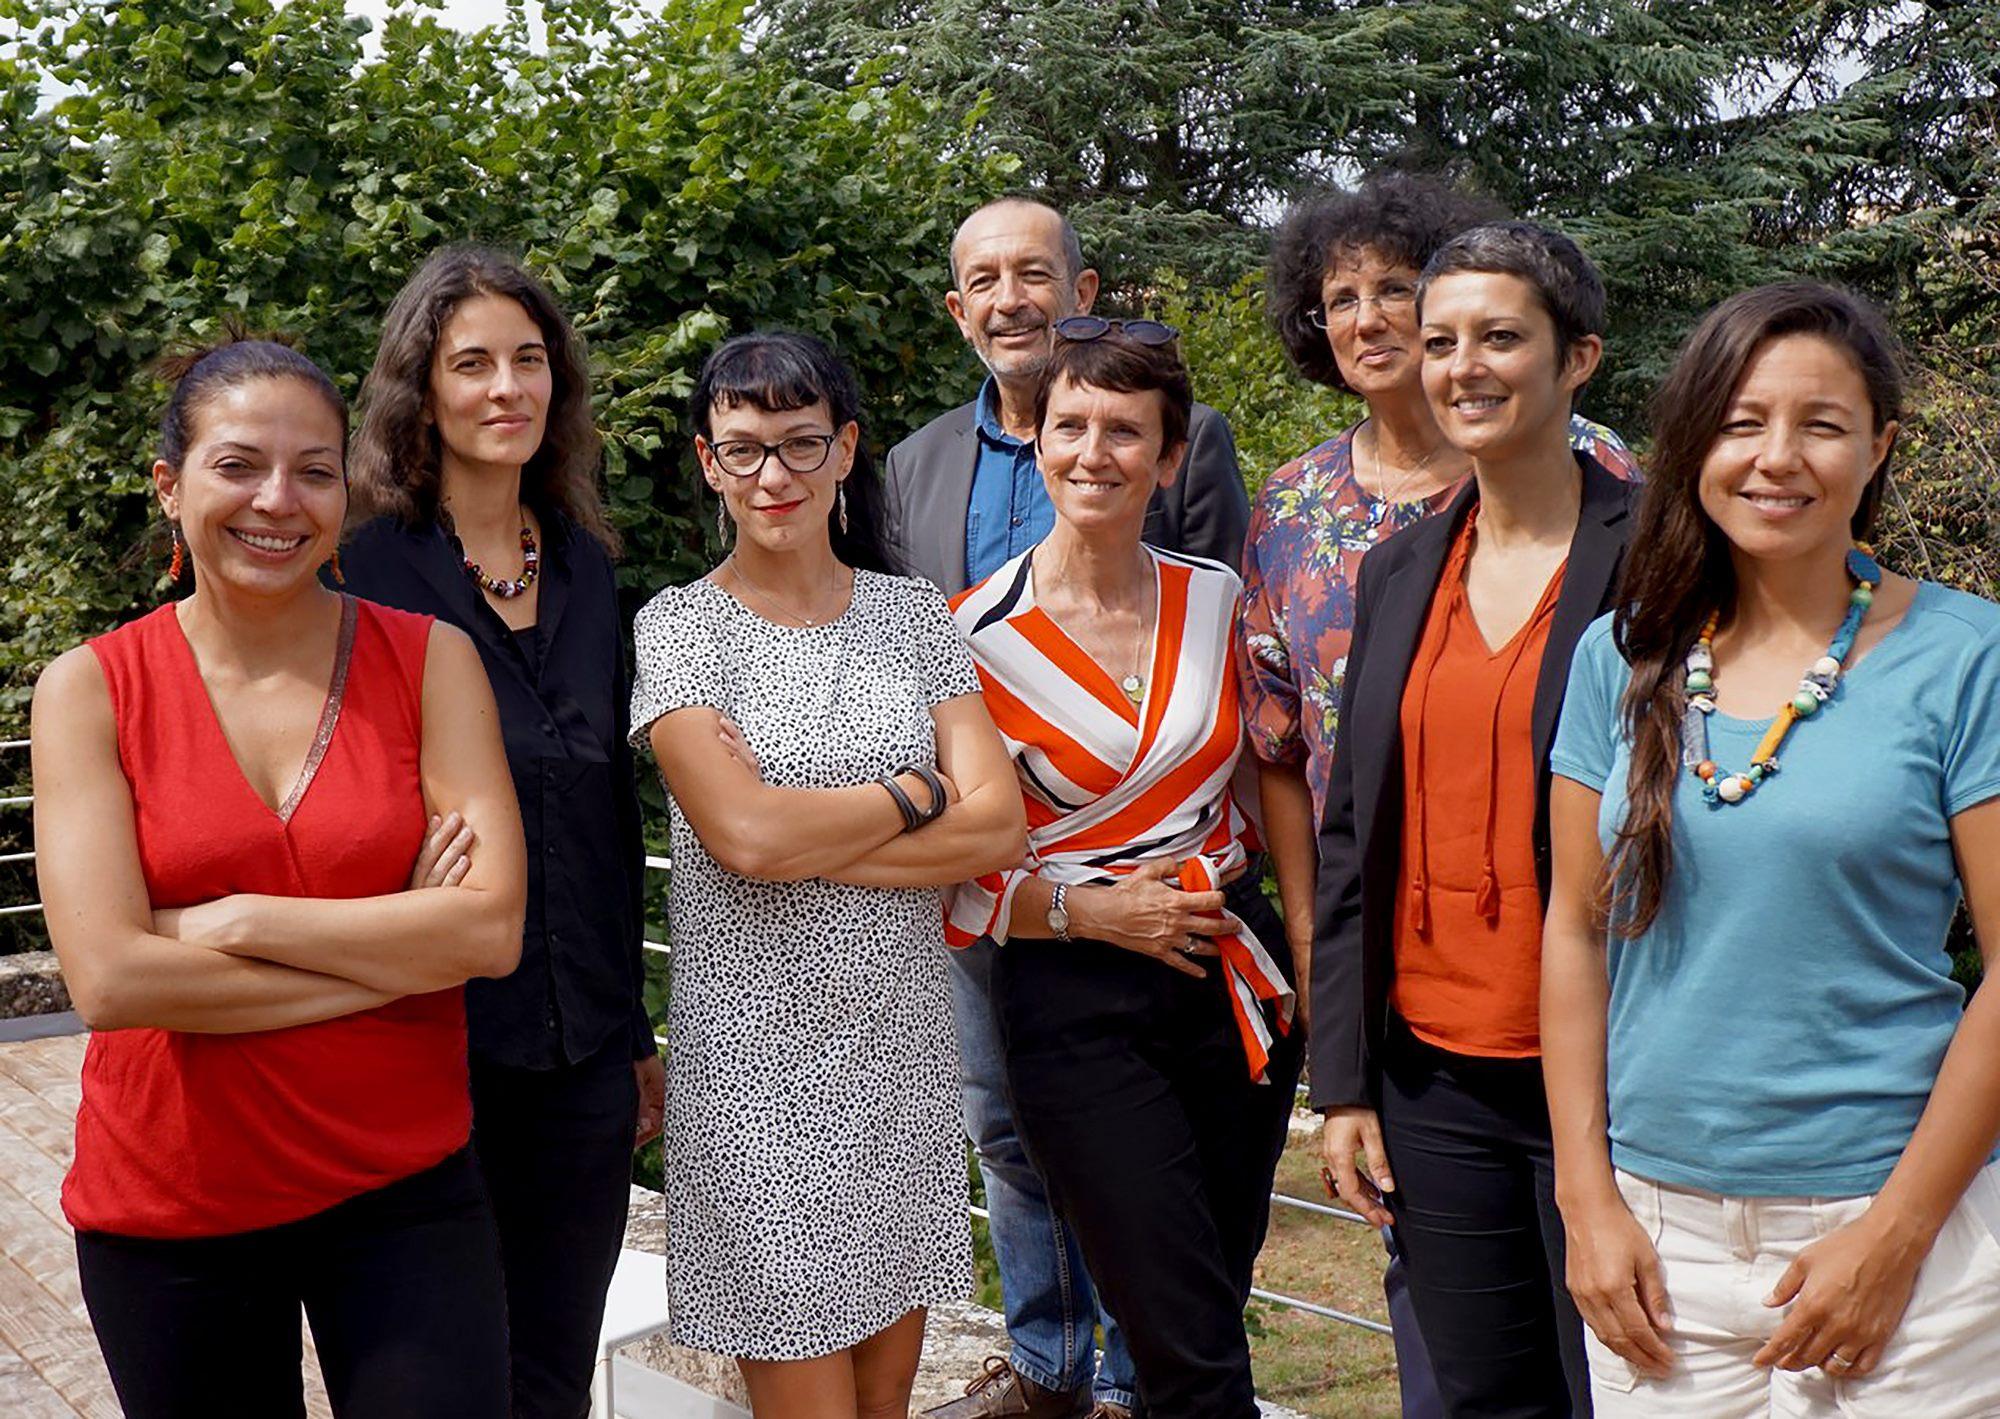 Les élus régionaux écologistes mobilisés contre le traité UE-Mercosur